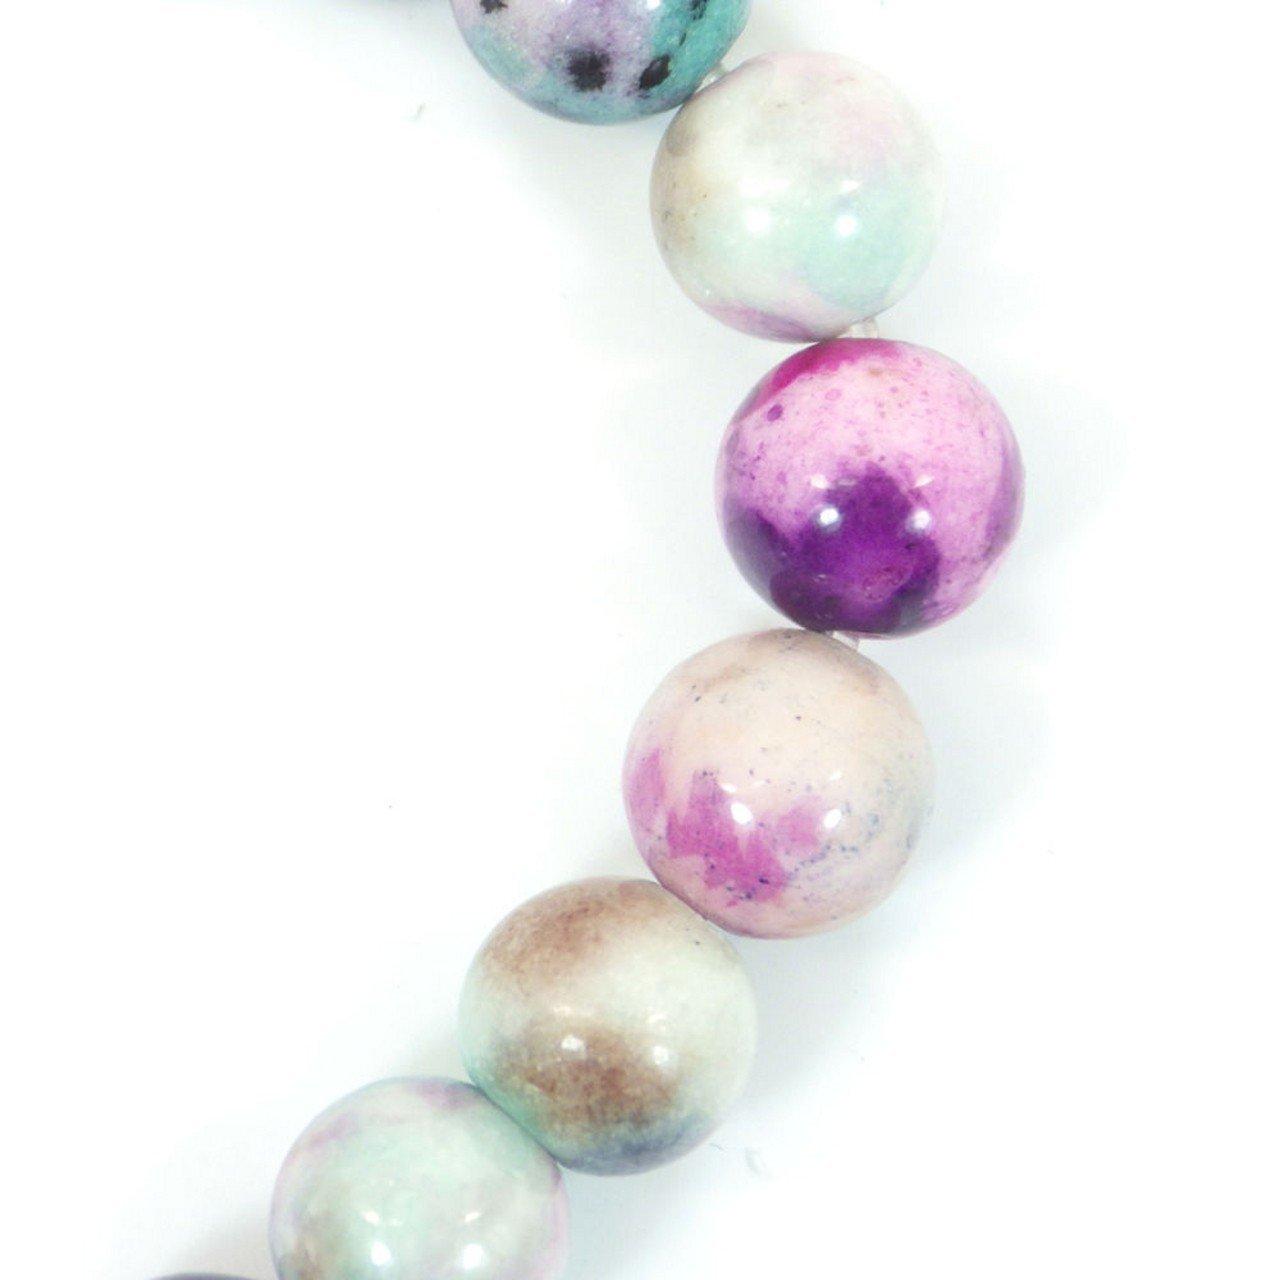 Thurcolas sch/öne Perlenarmband Jade gef/ärbt blau und violett mit einem filigranen Anh/änger herzf/örmigen antikem Silber